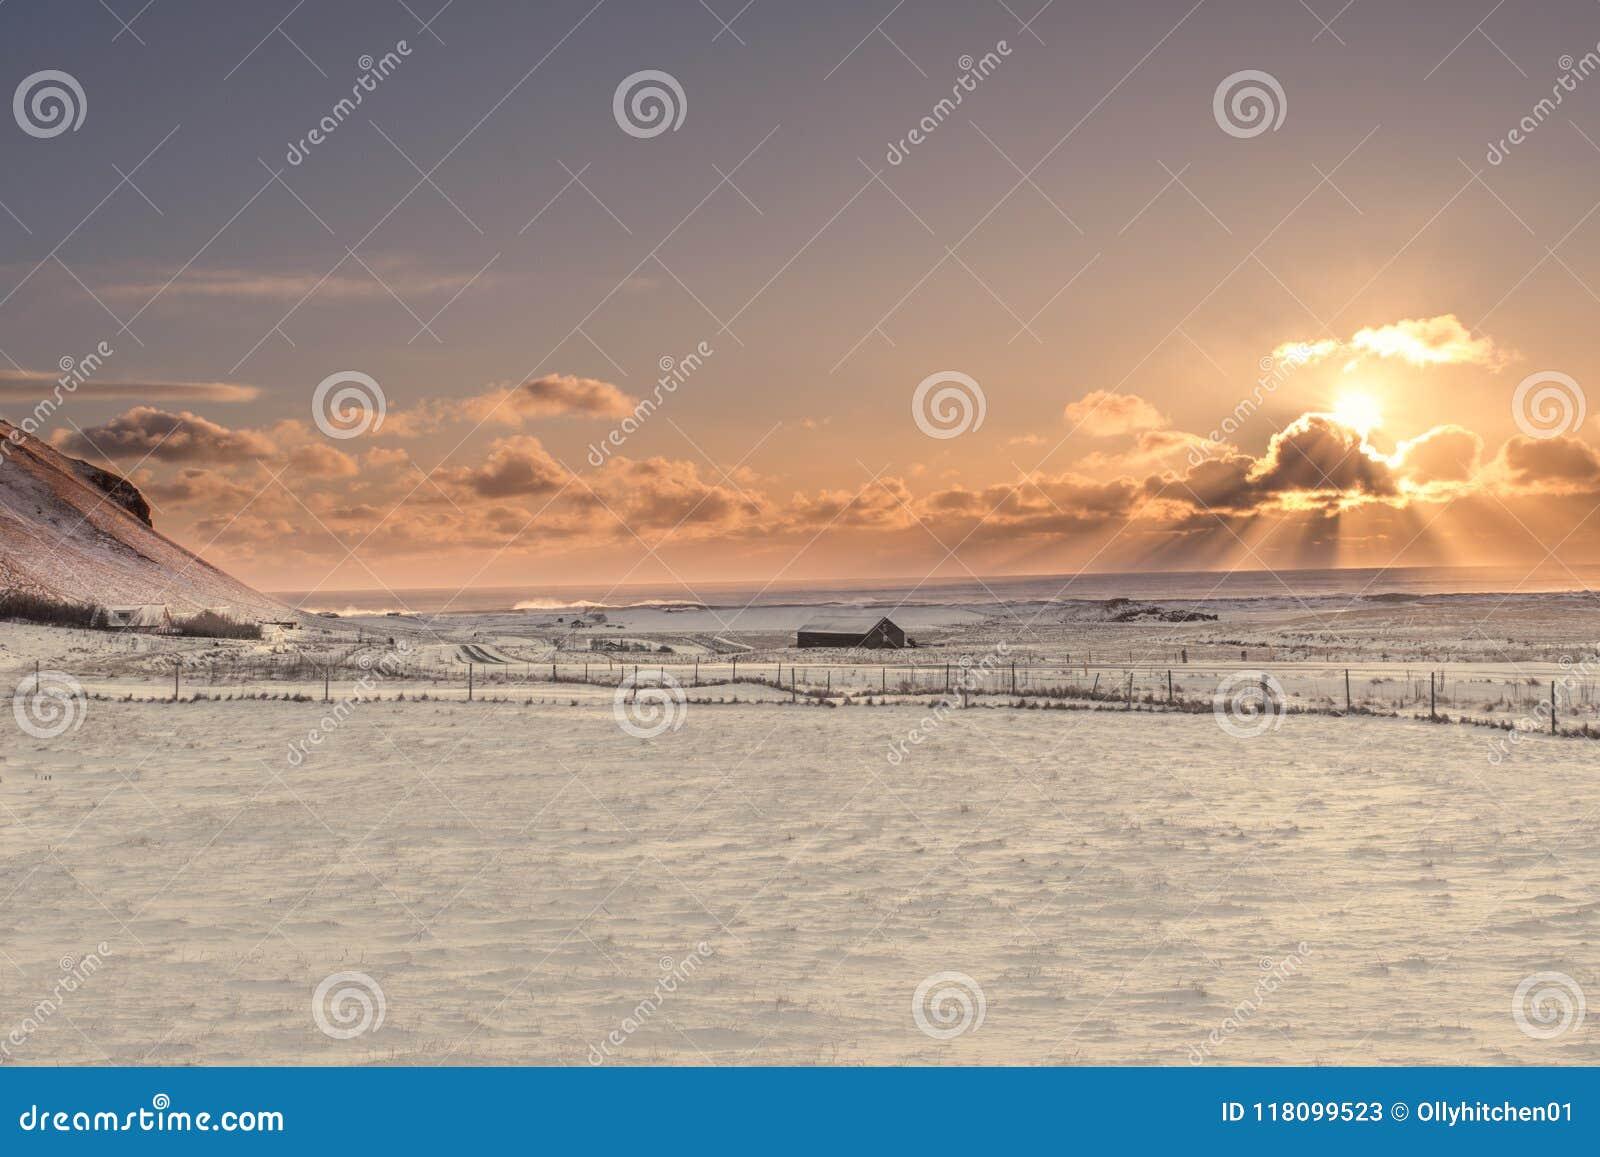 Солнце разрывает от за облака над замороженным ландшафтом